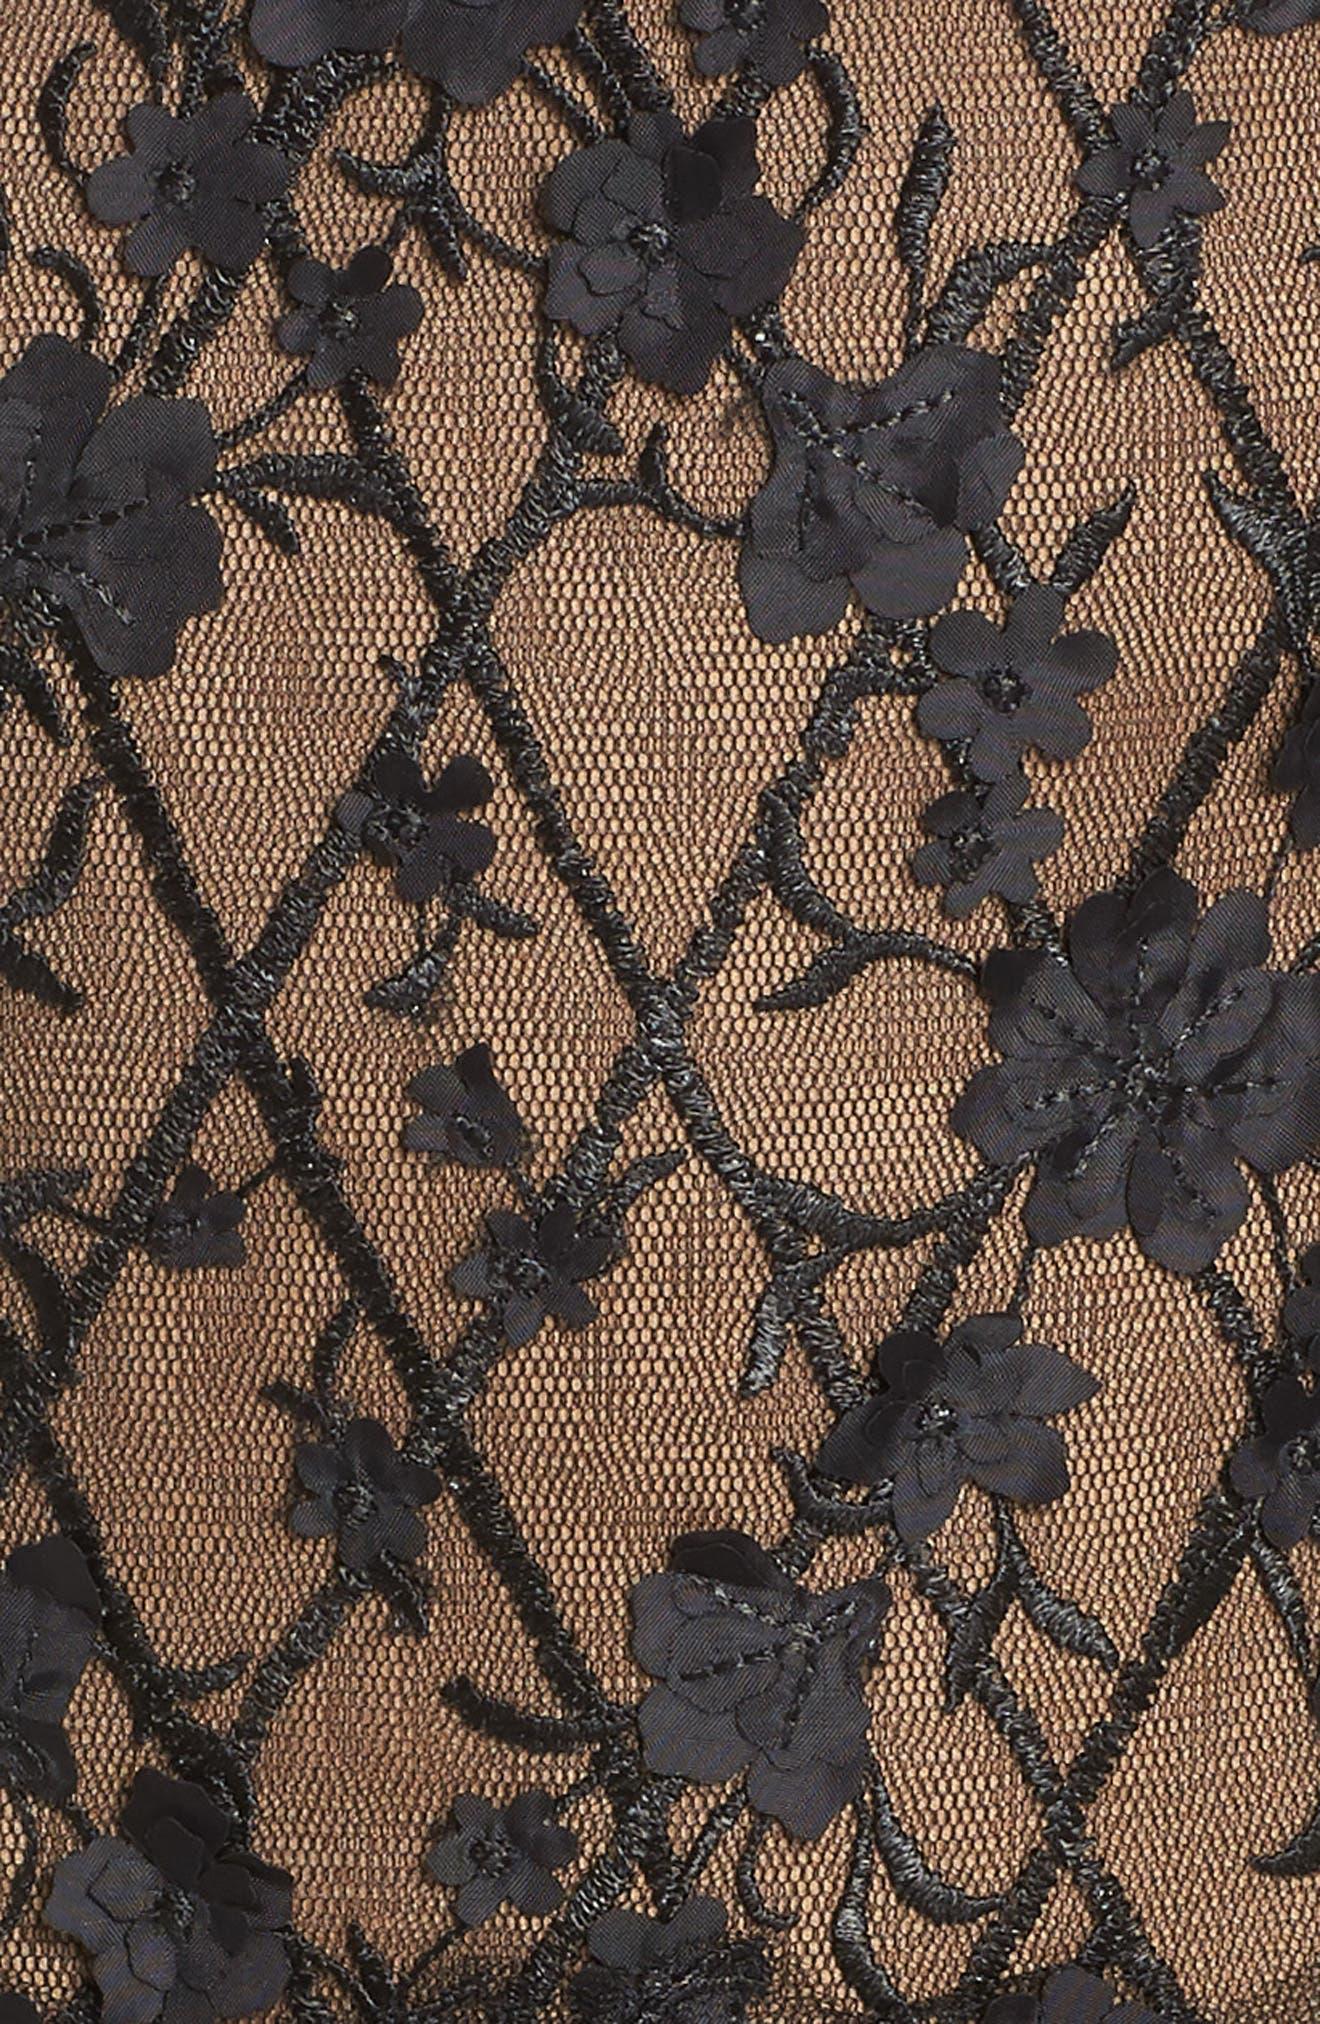 3D Flower Off the Shoulder Dress,                             Alternate thumbnail 5, color,                             Black/ Nude